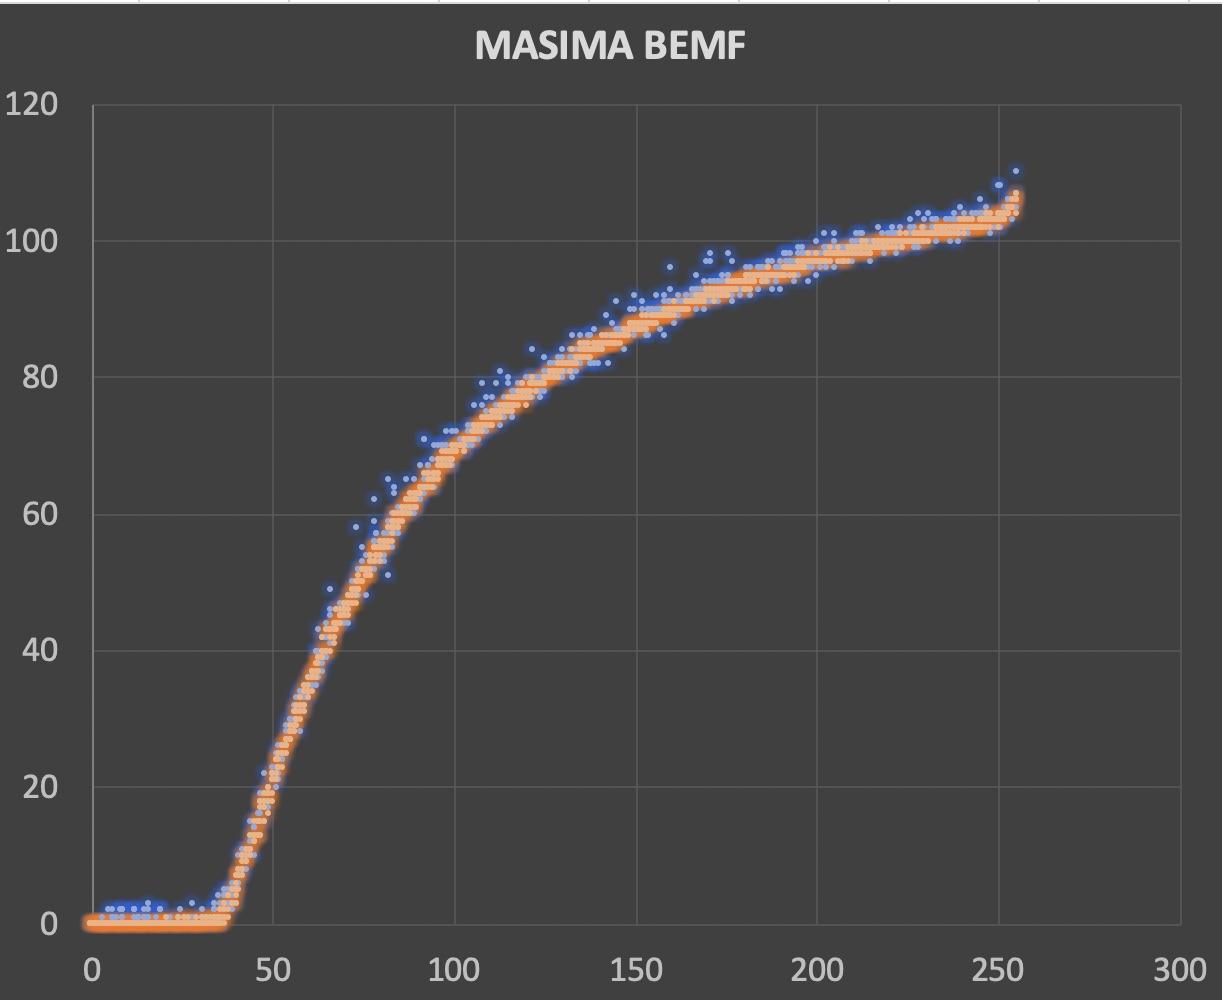 Masima-bemf